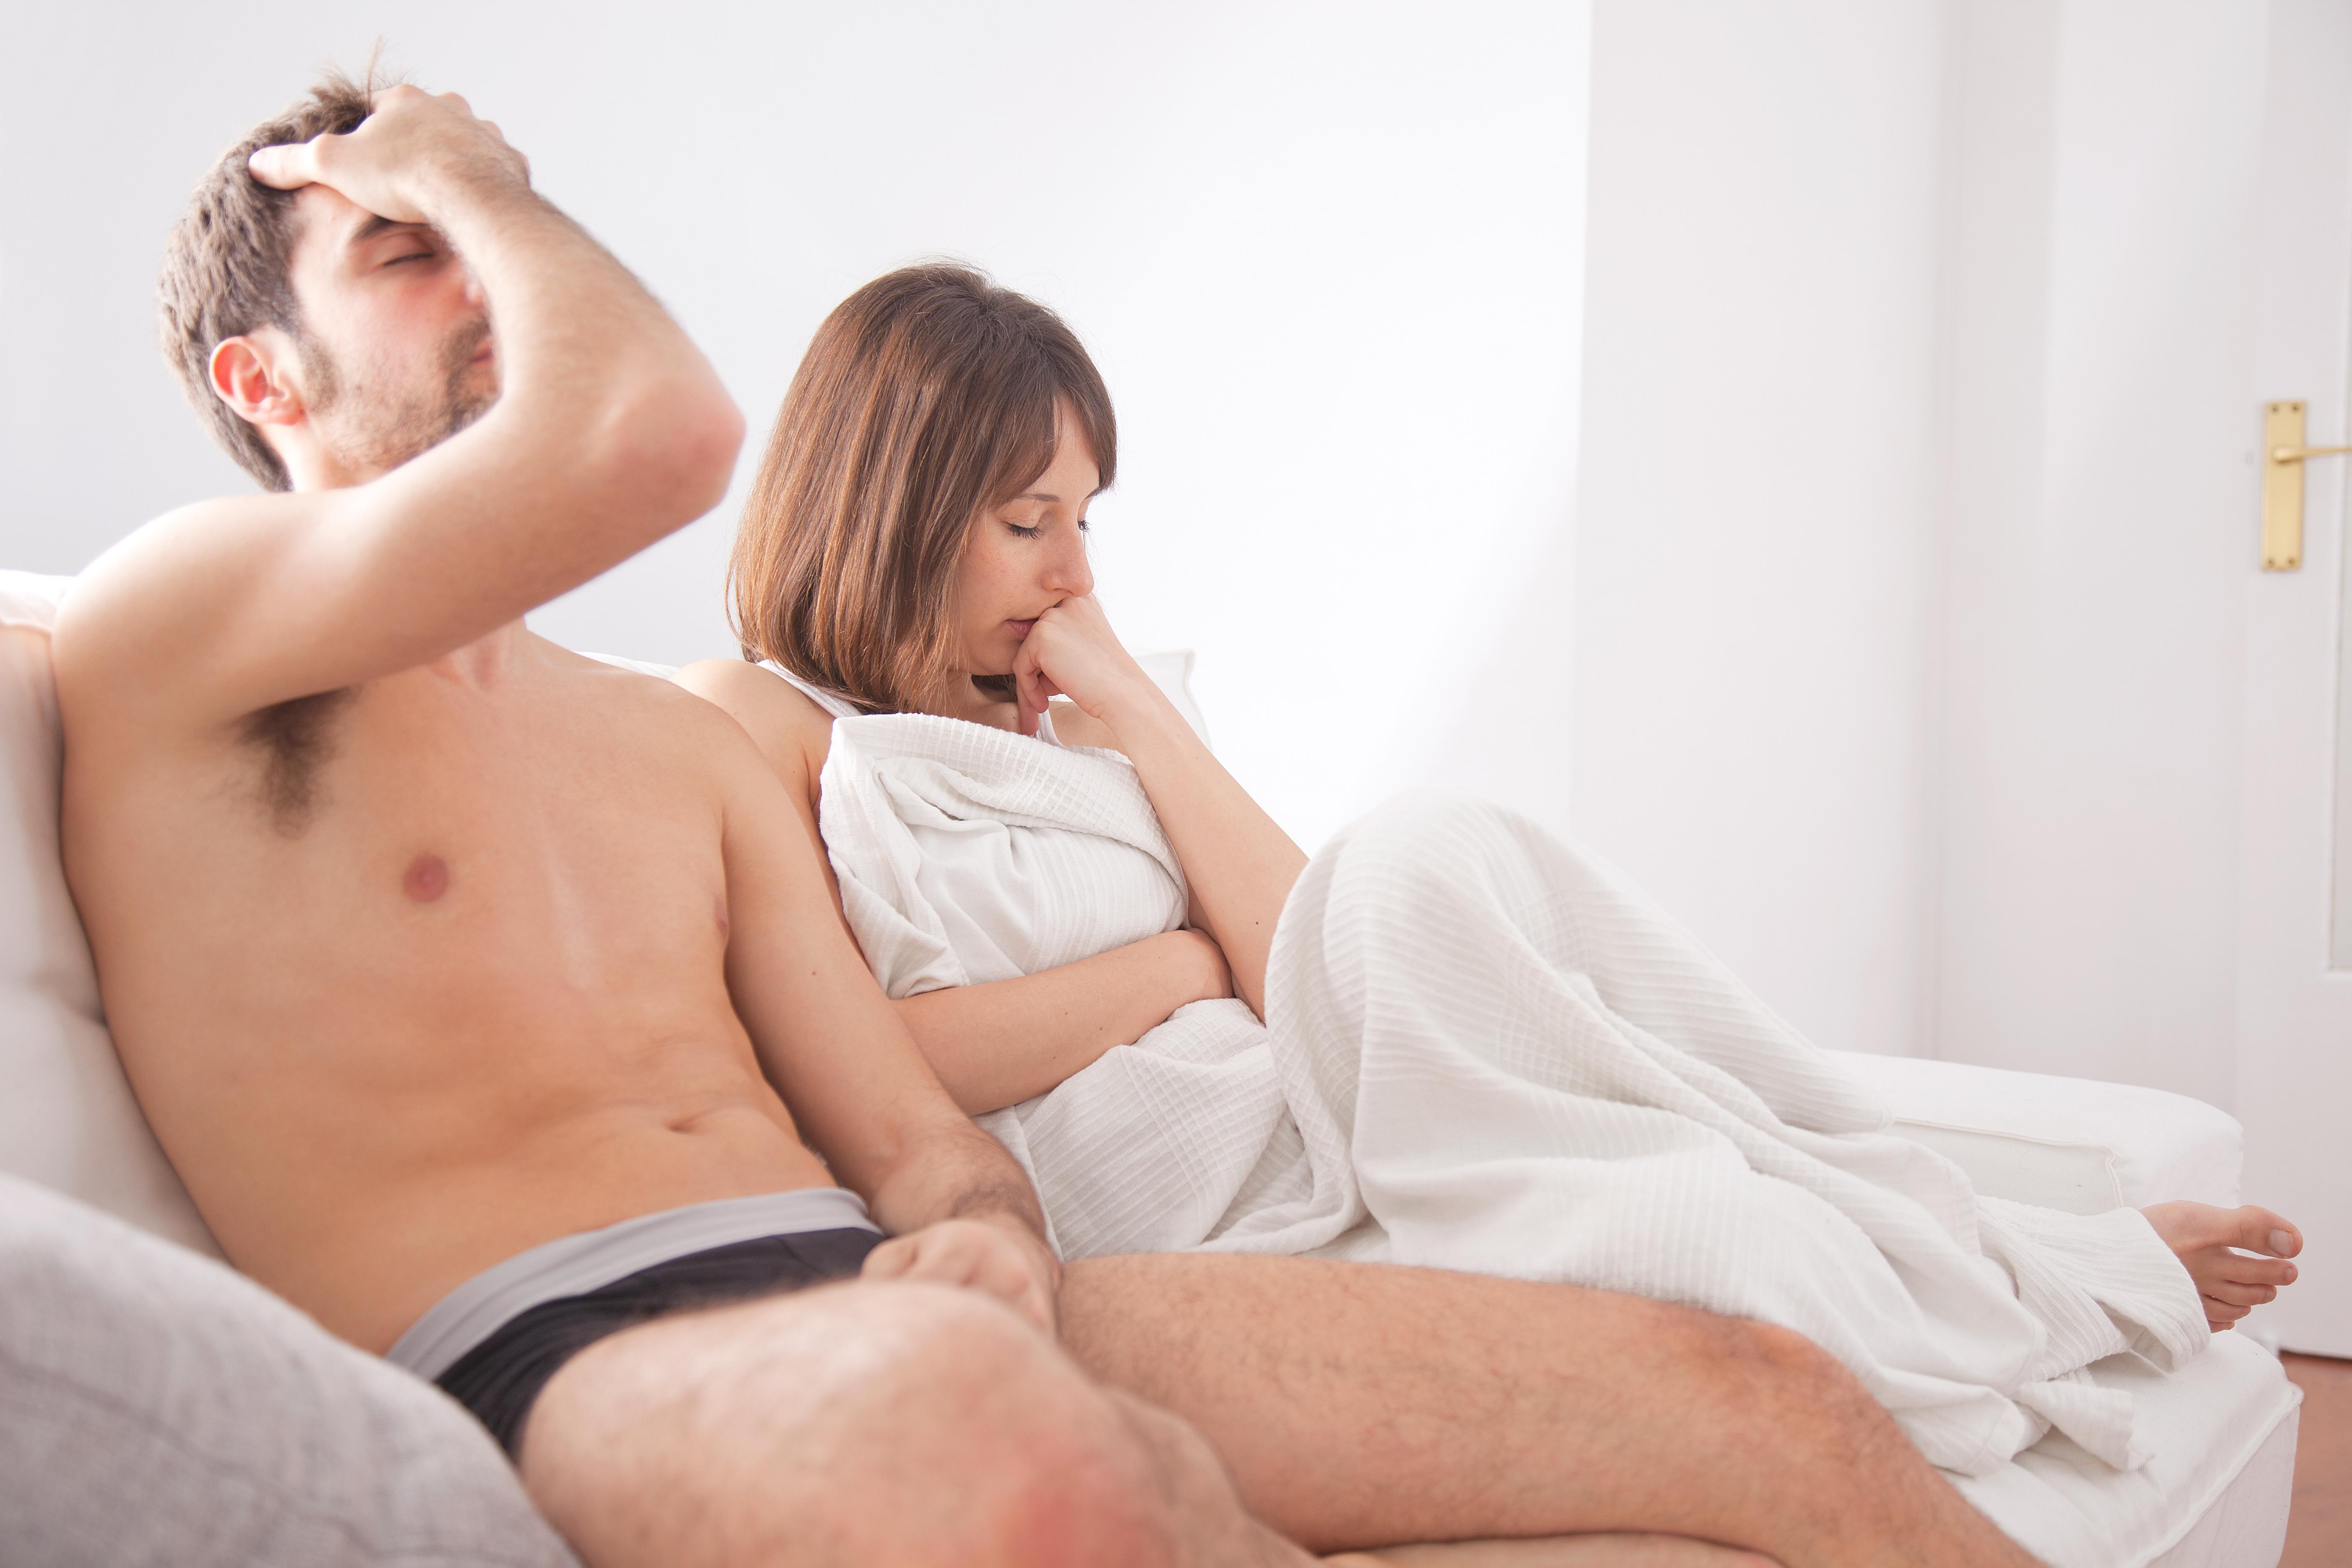 Скачать порно первый опыт